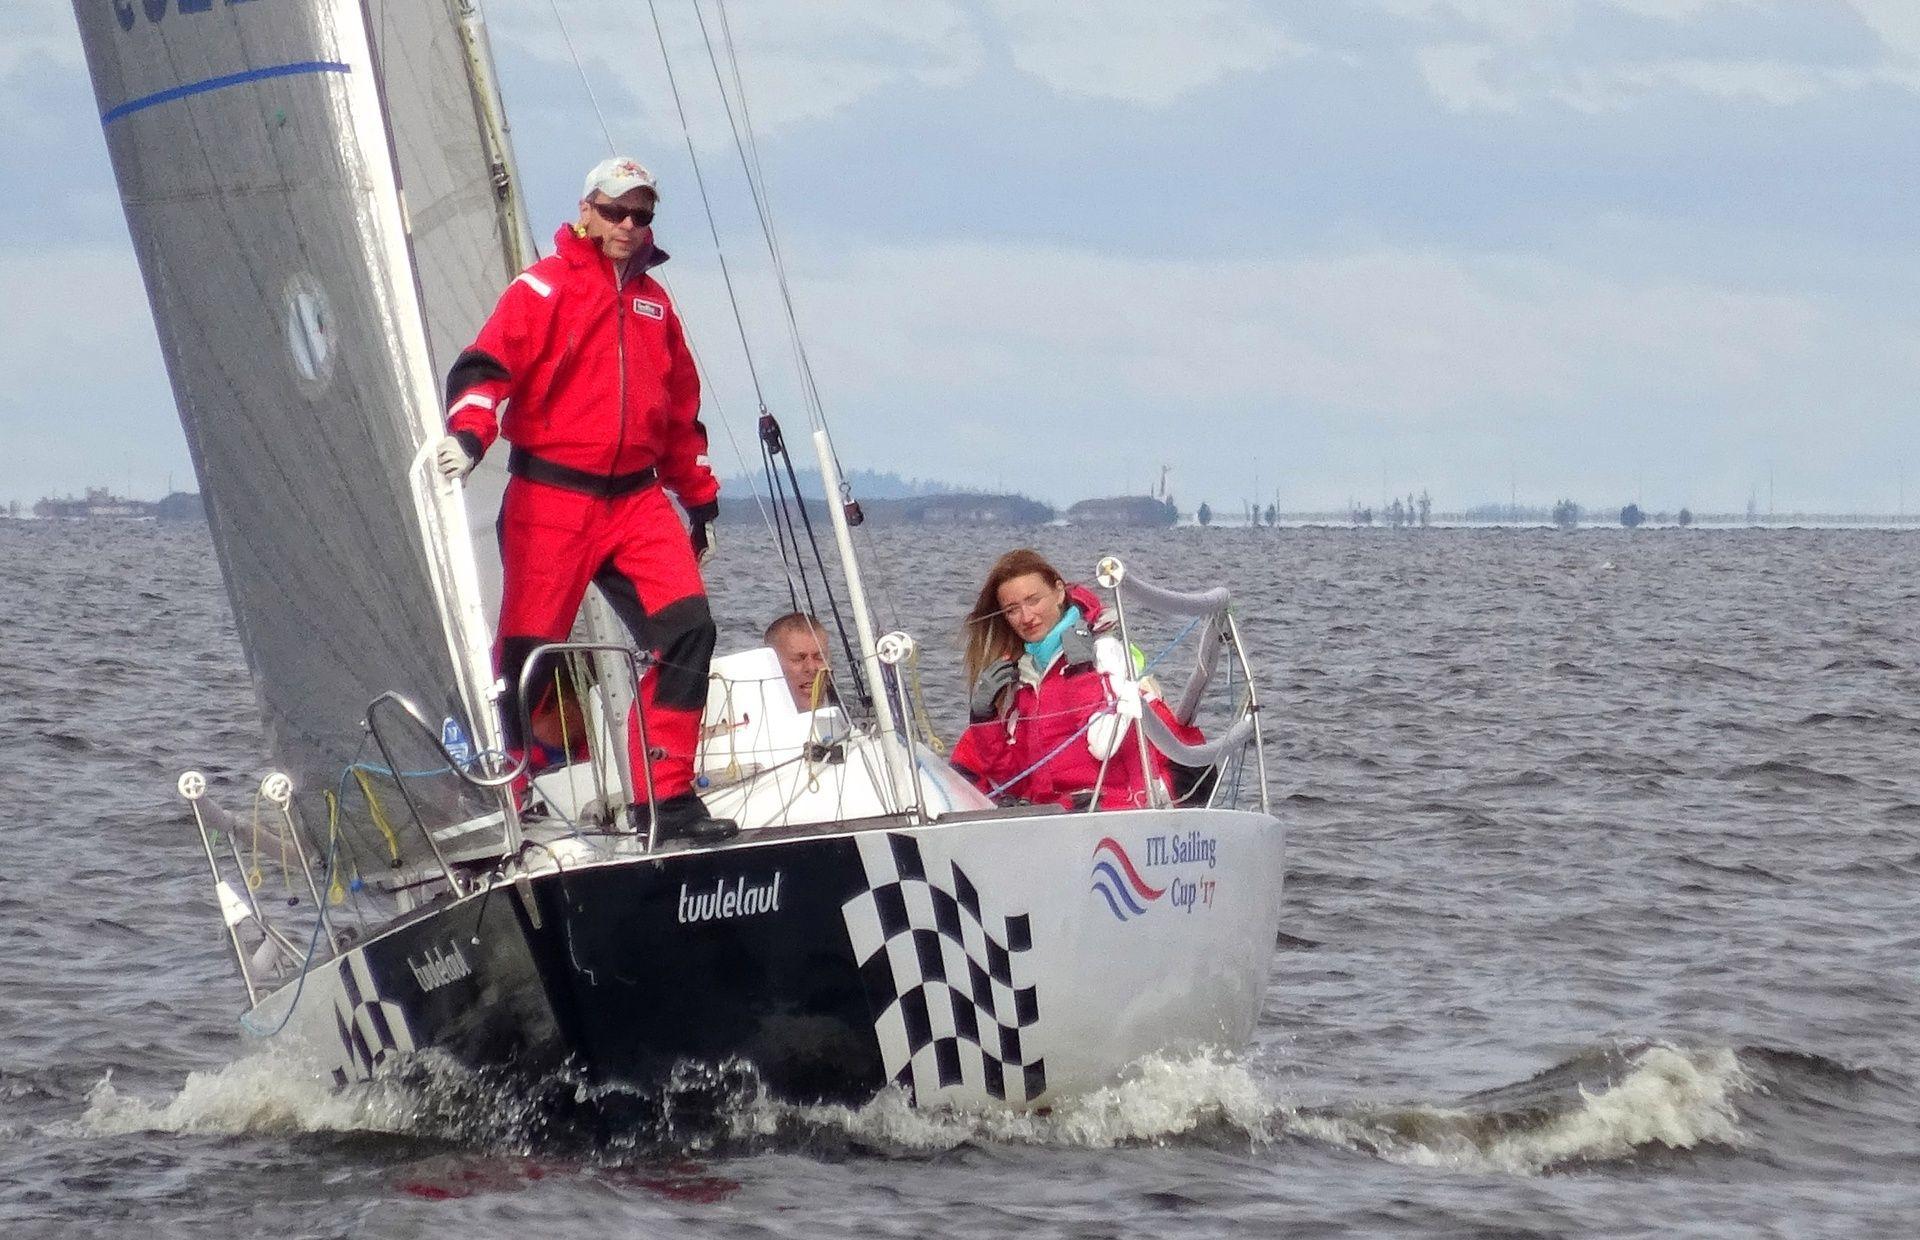 https://media.insailing.com/boat/tuulelaul-tuulelaul/image_1581498684503.jpg